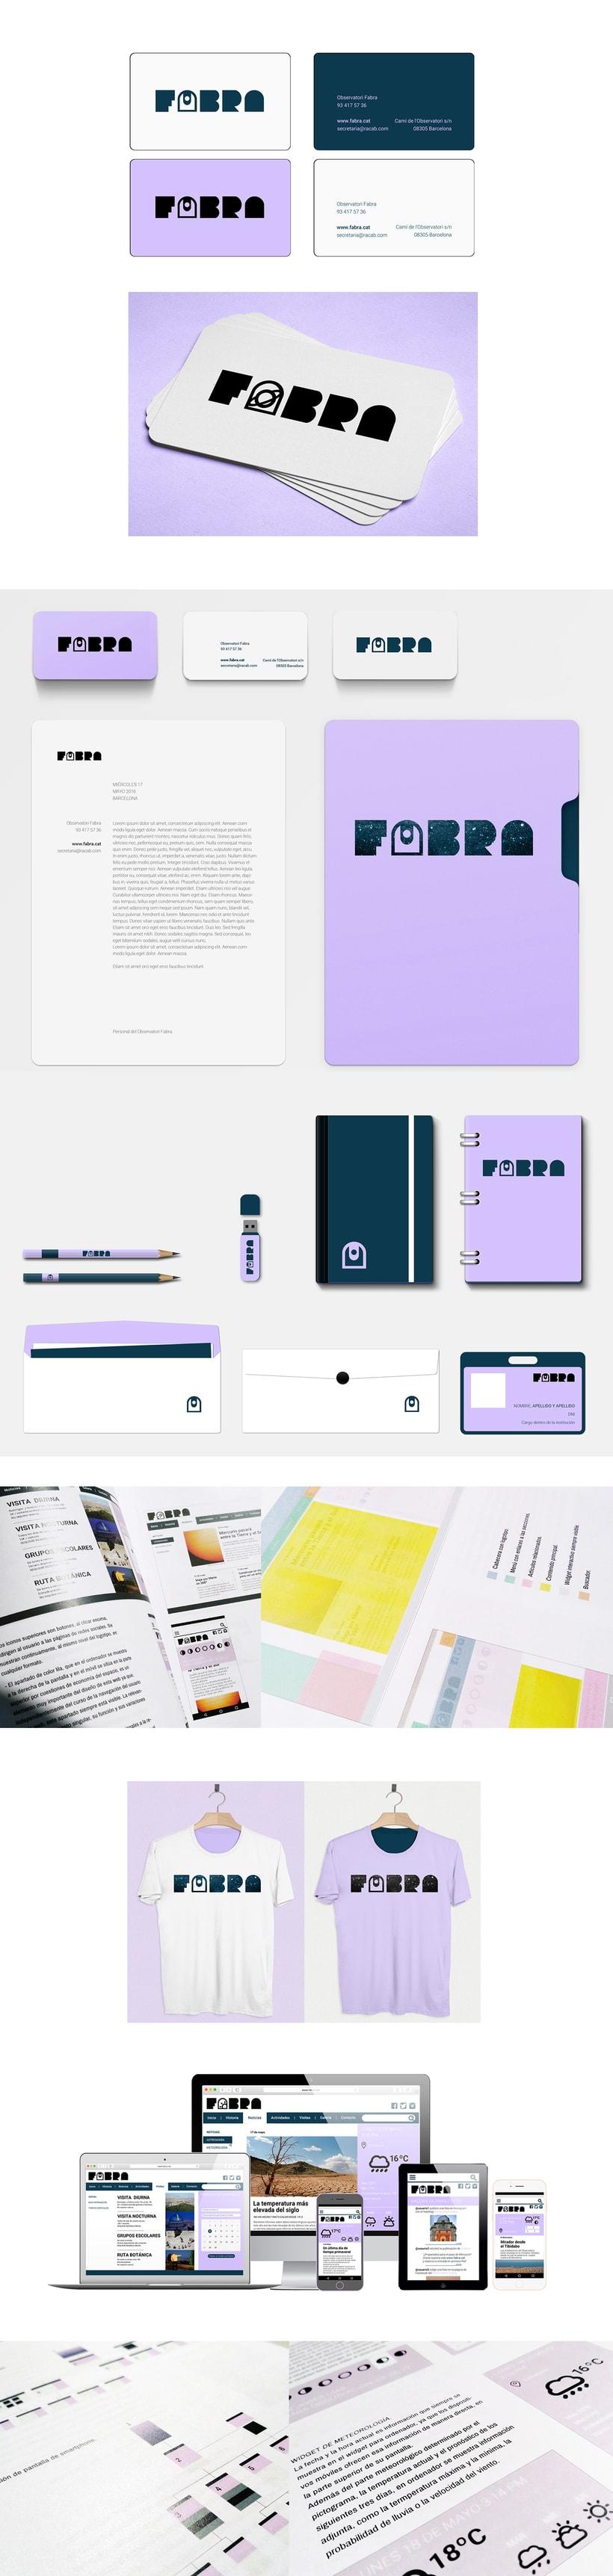 FABRA   /Identidad visual y diseño web 2